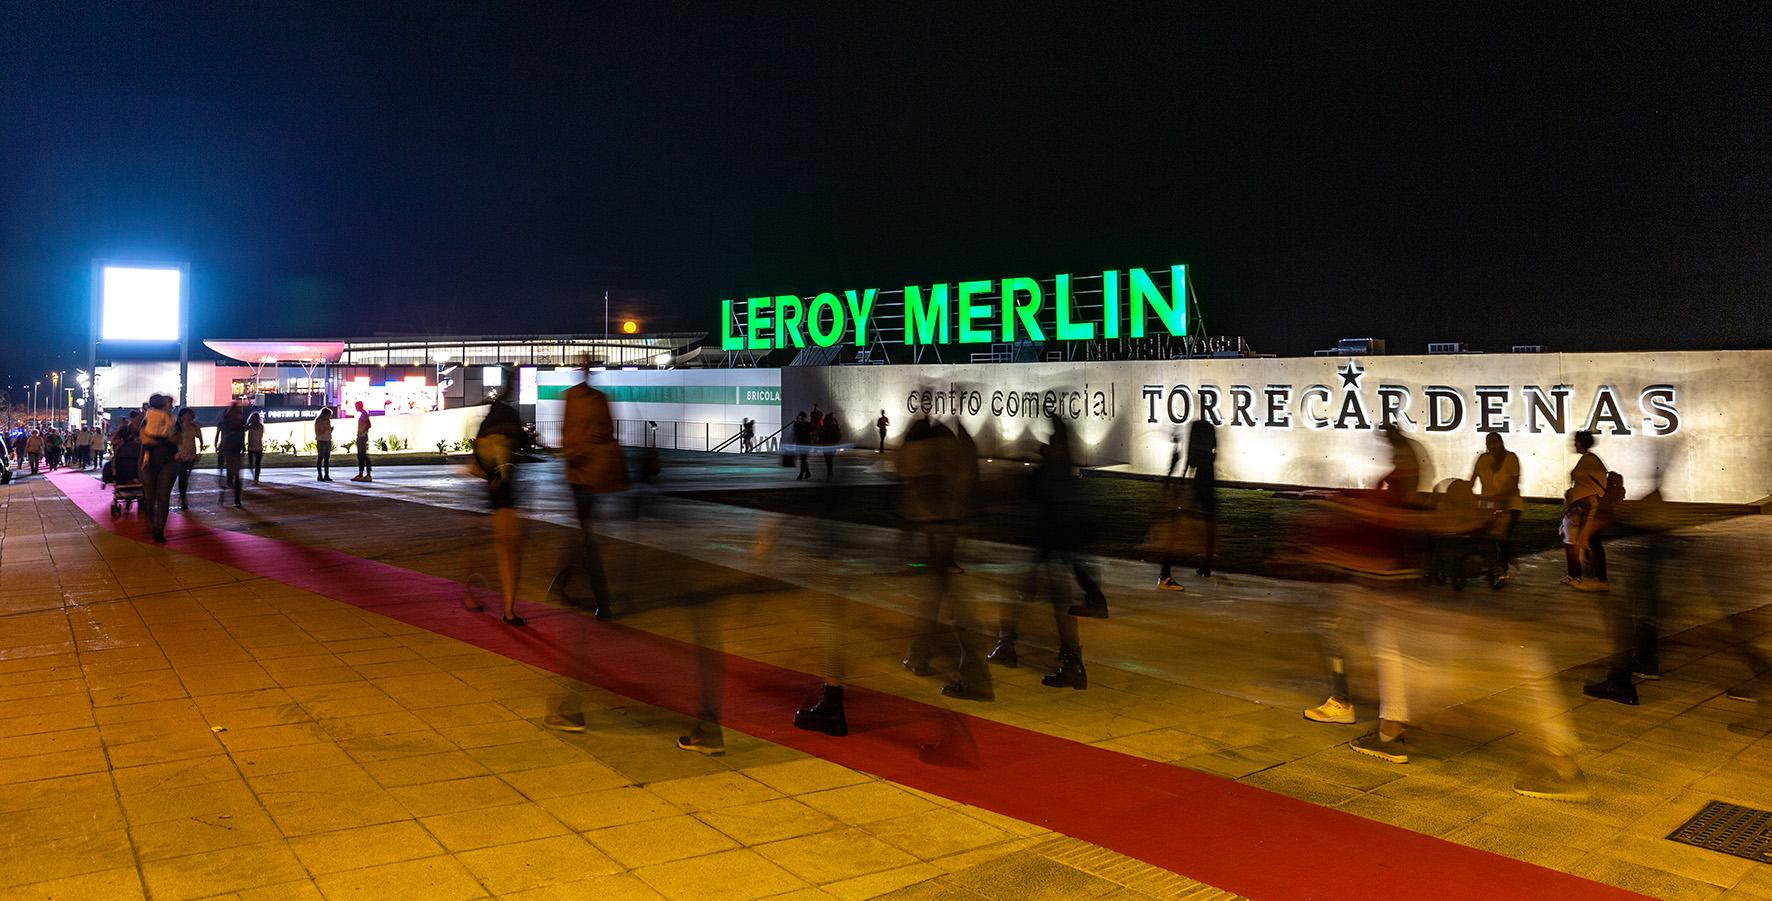 Centro comercial Torrecardenas Bogaris Leroy Merlin